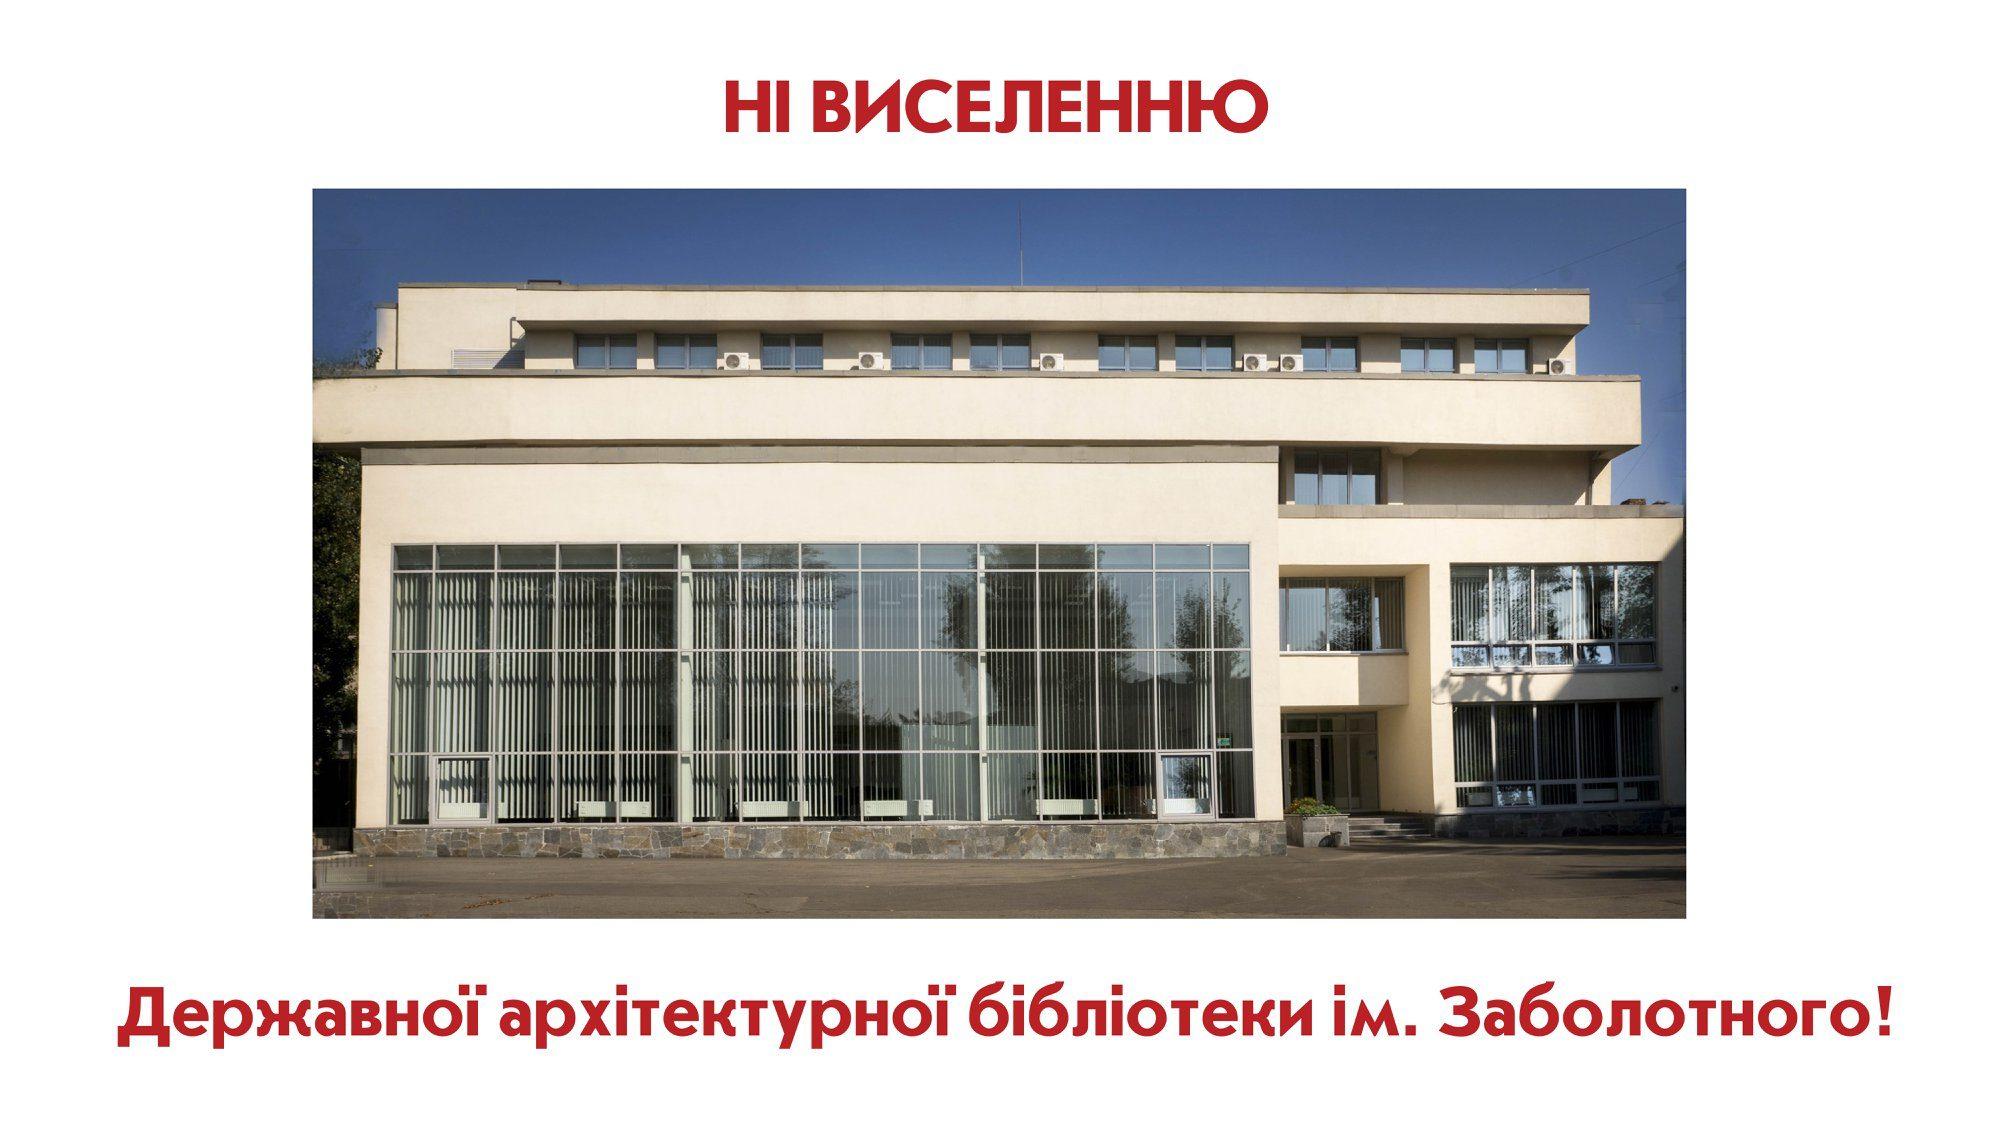 Державна наукова архітектурно-будівельна бібліотека стала бездомною -  - biblioteka 2000x1125